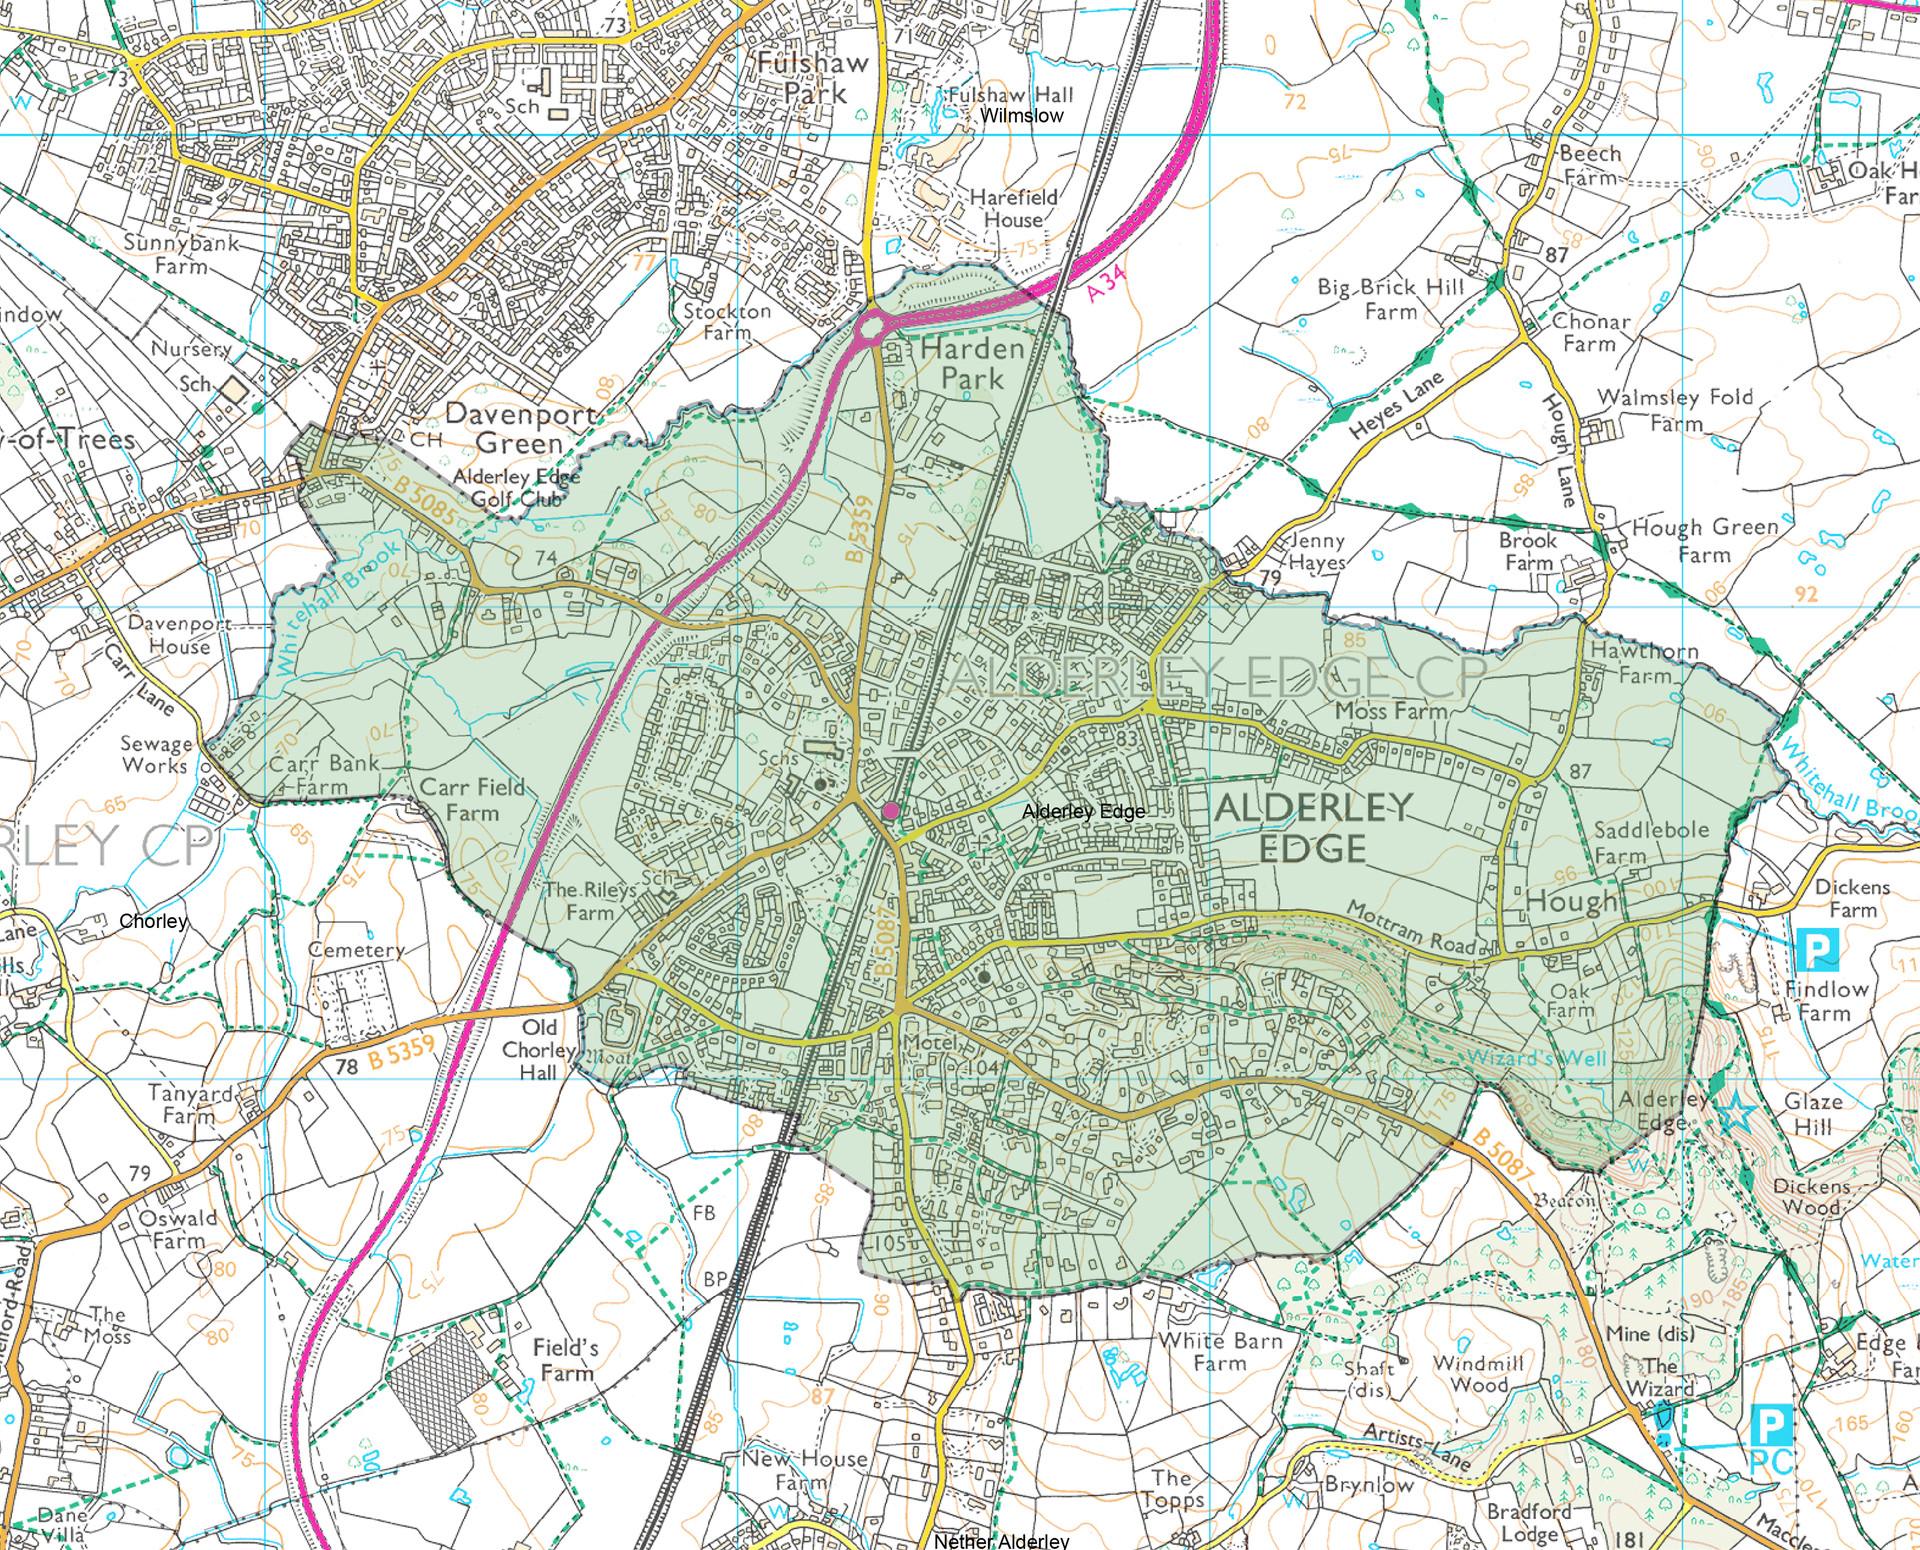 AENP Map